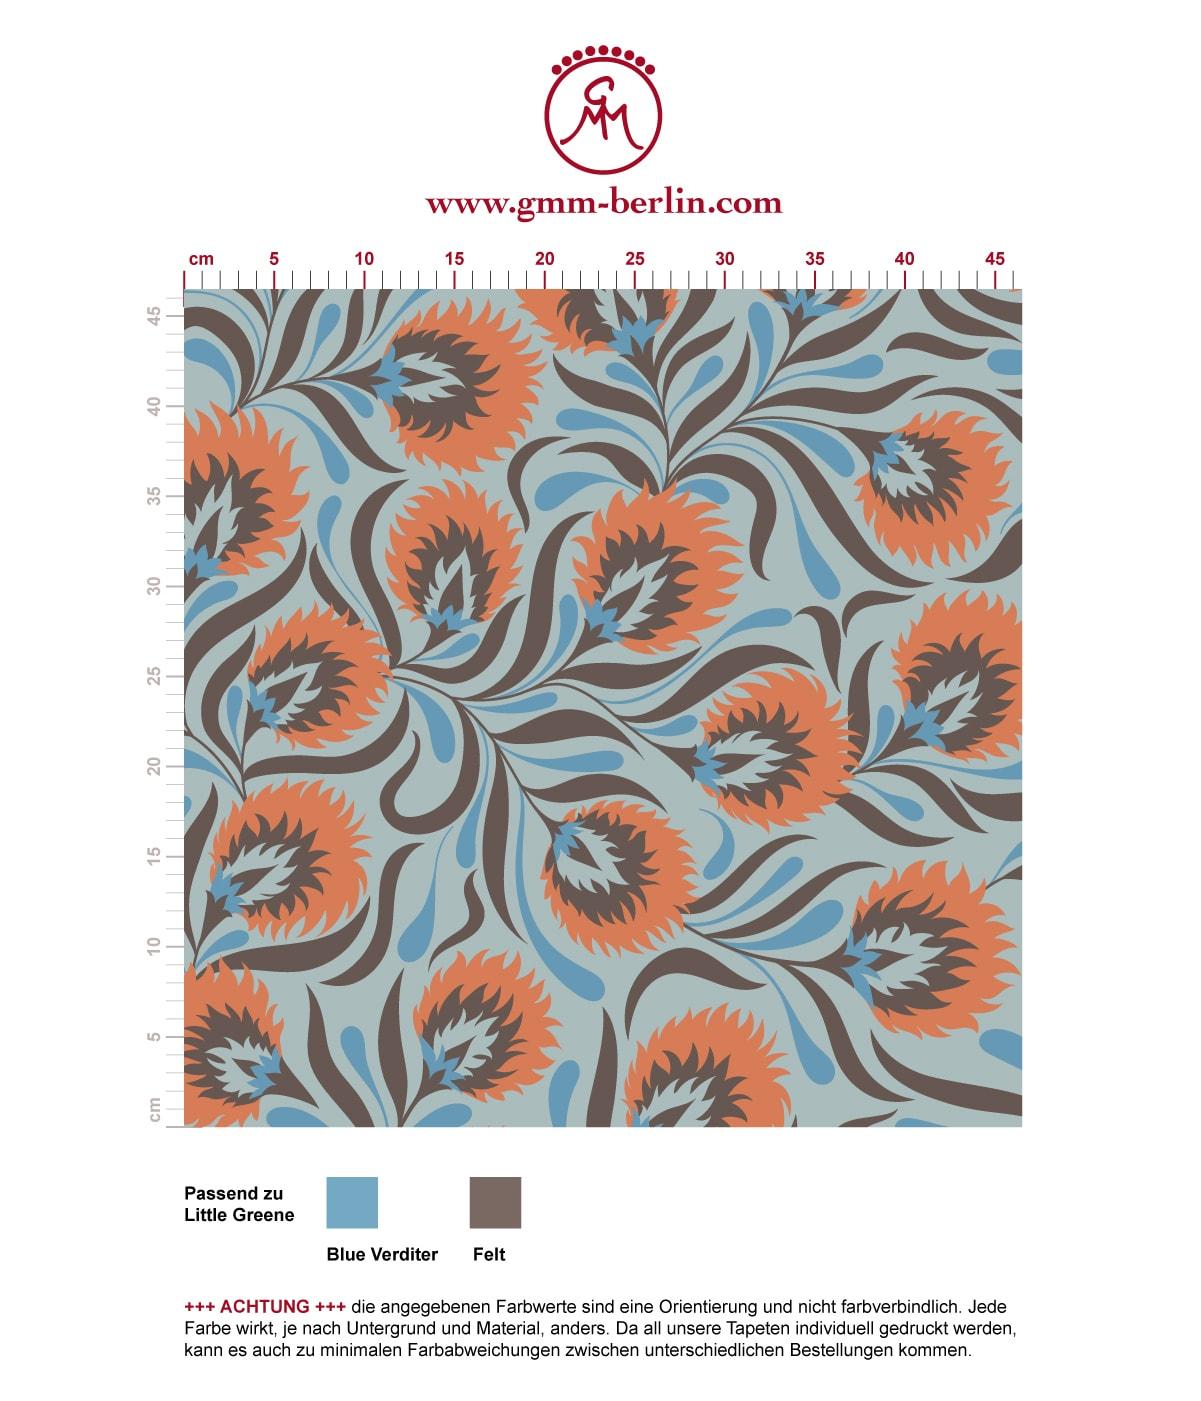 Besonders schöne Jugendstil Tapete mit großen Blüten in hellblau angepasst an Little Greene Wandfarben - Vliestapete Blumen 3